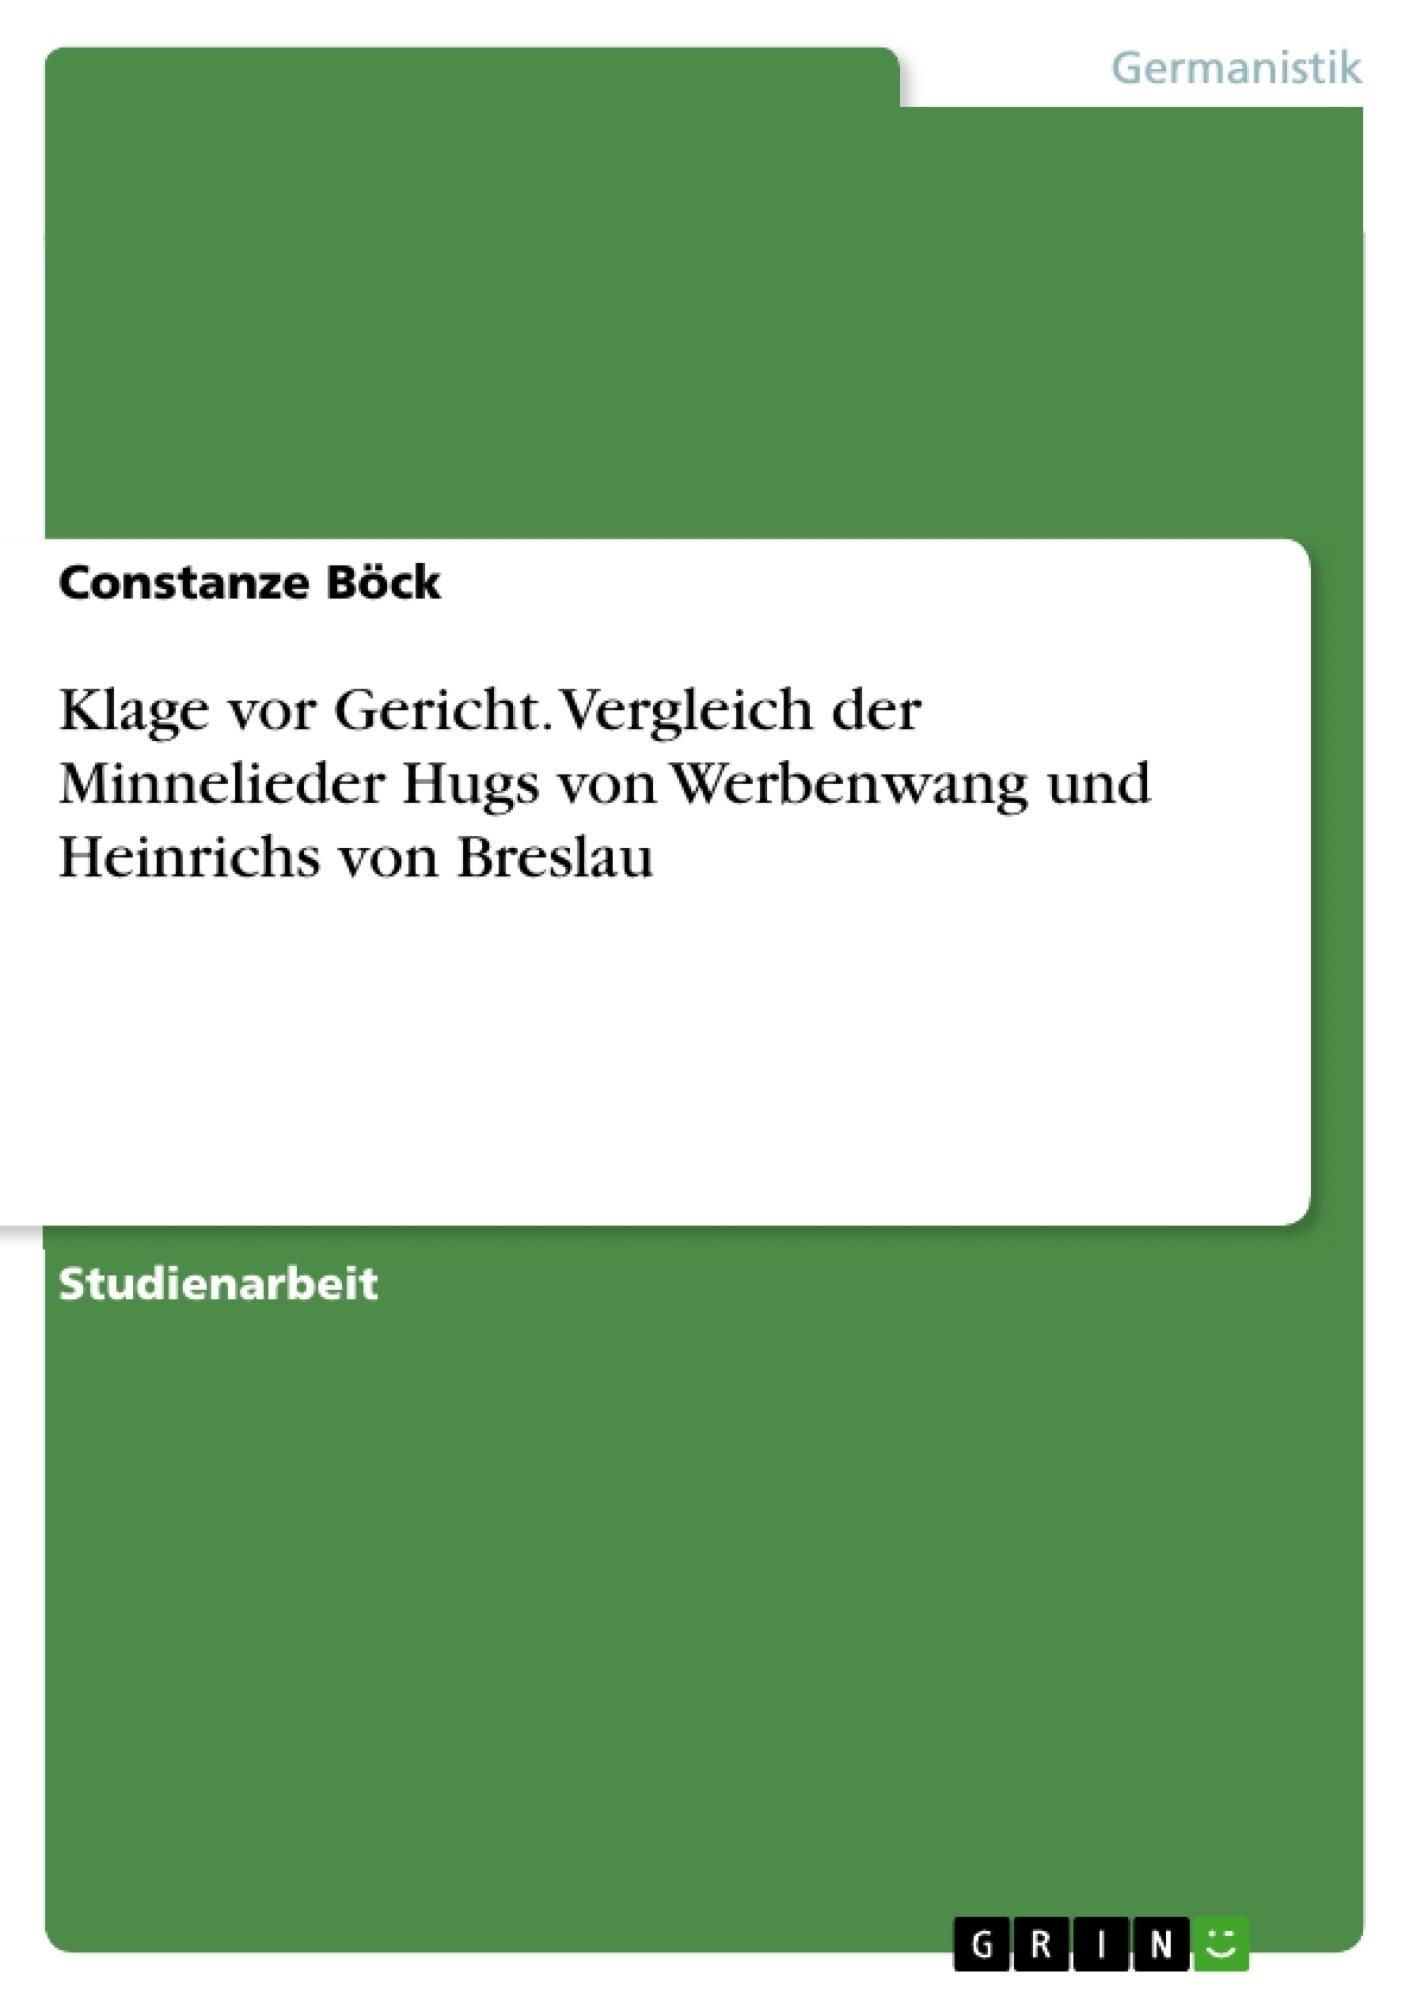 Titel: Klage vor Gericht. Vergleich der Minnelieder Hugs von Werbenwang und Heinrichs von Breslau